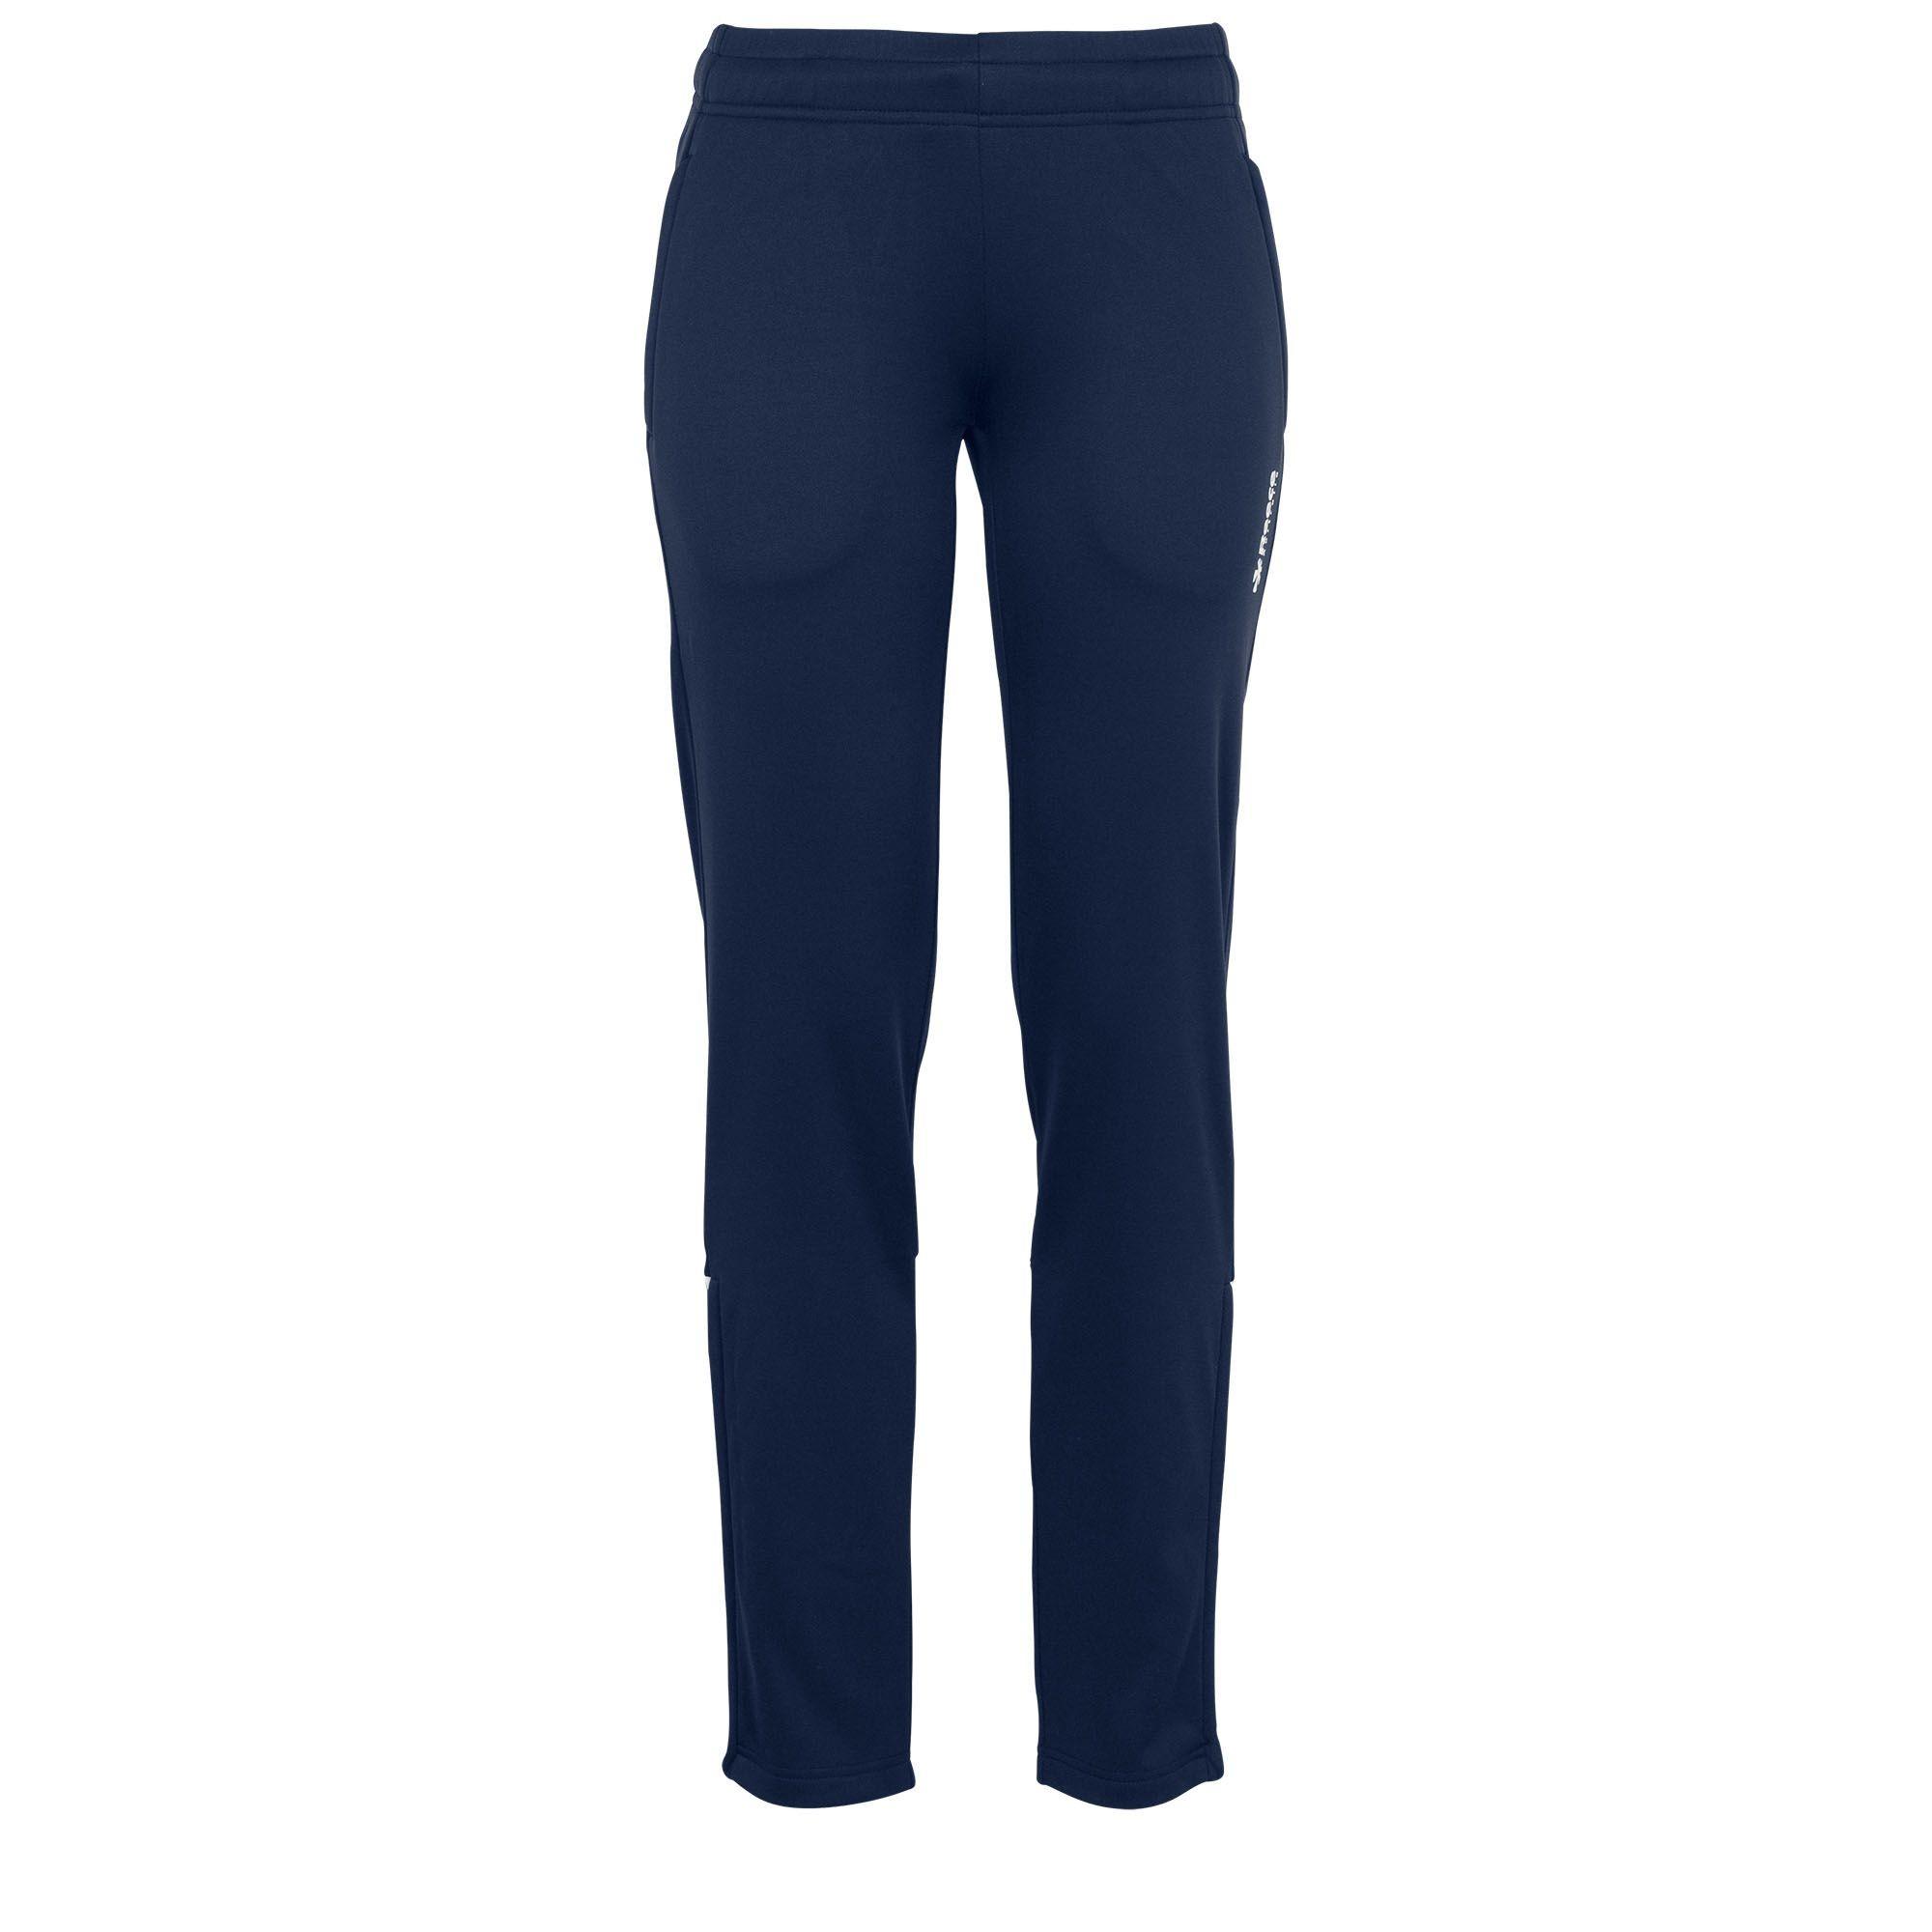 REECE AUSTRALIA TTS damskie spodnie dresowe